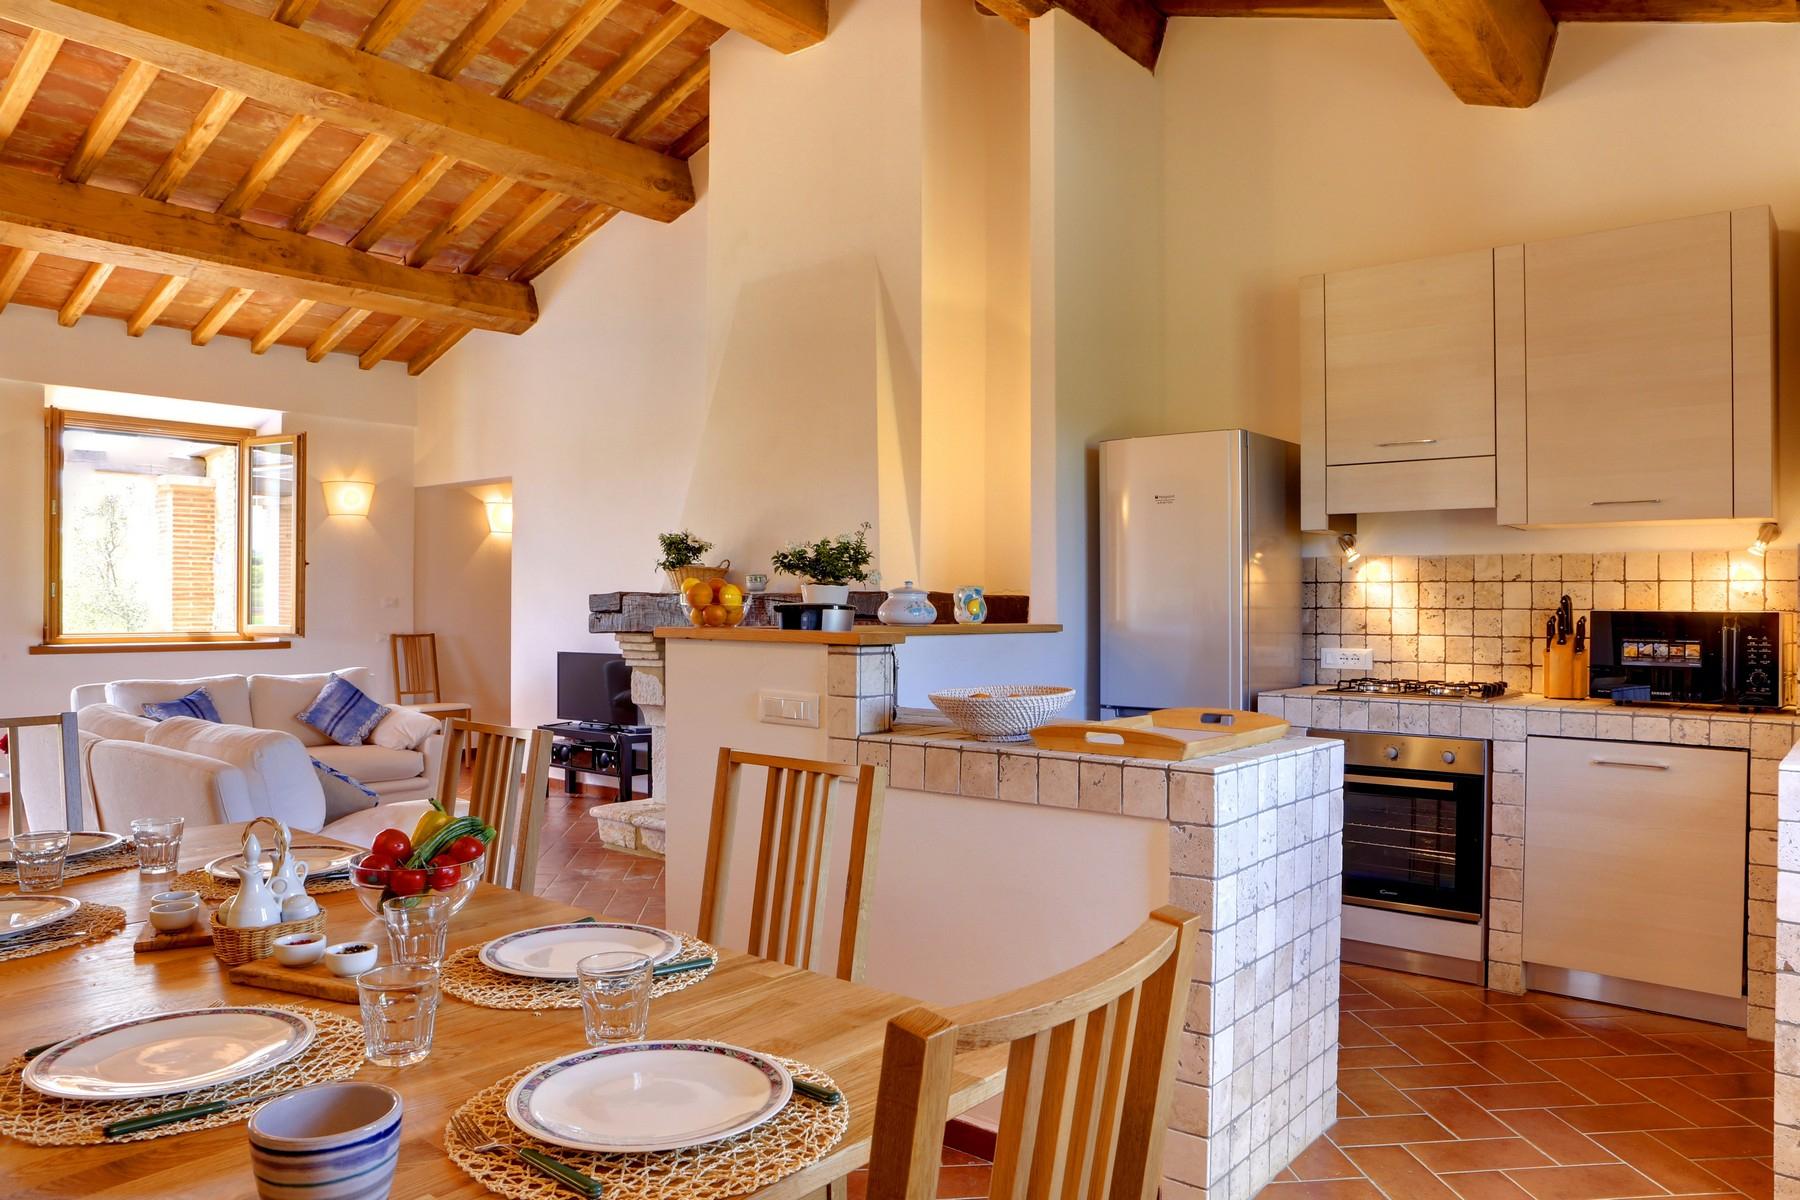 Rustico in Vendita a Manciano: 5 locali, 480 mq - Foto 9